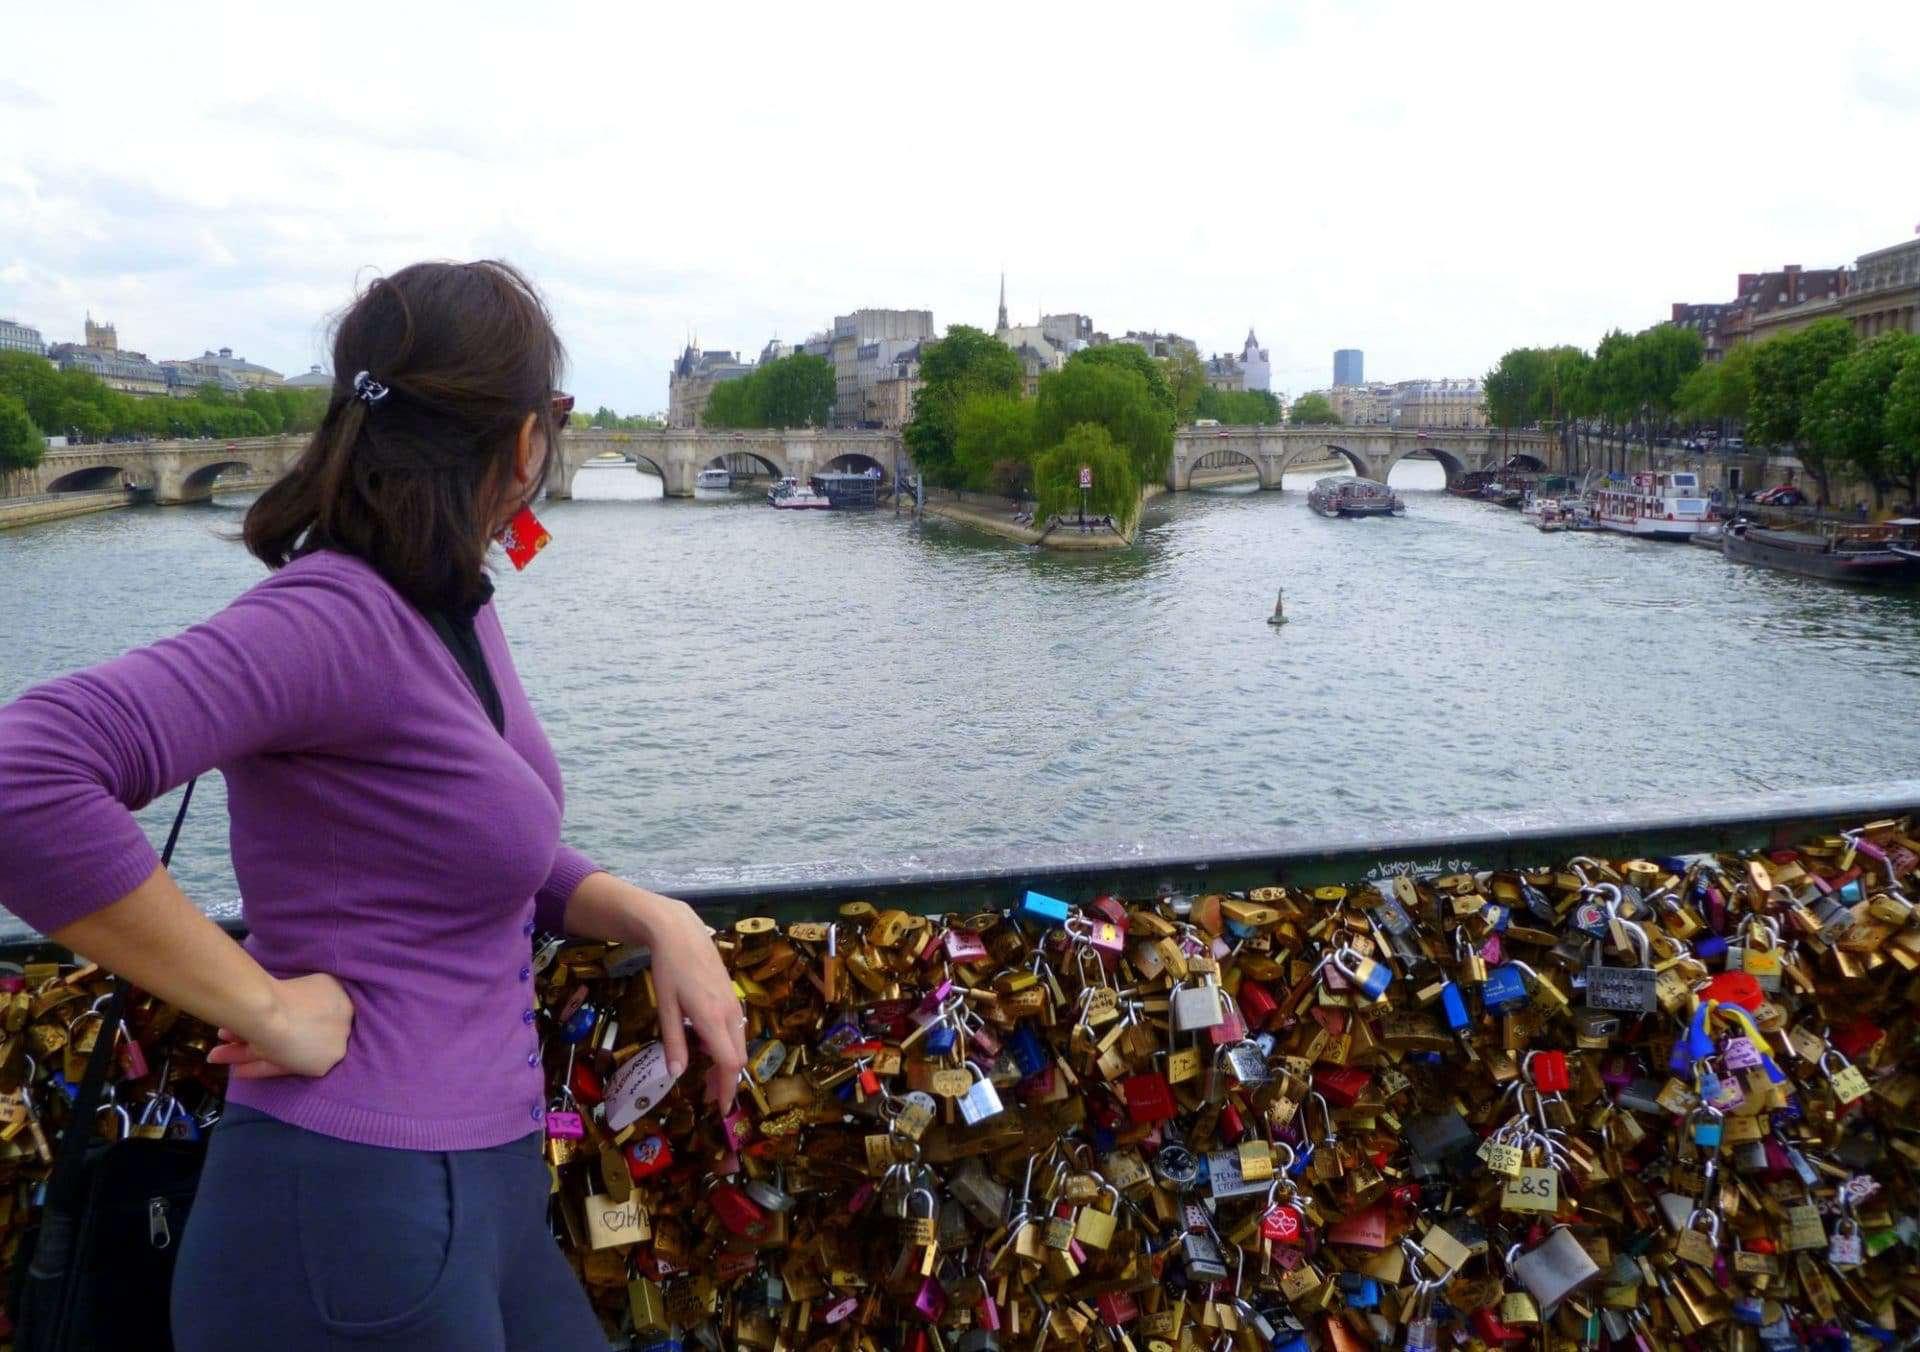 7 cose da sapere su Parigi se ci vai per la prima volta